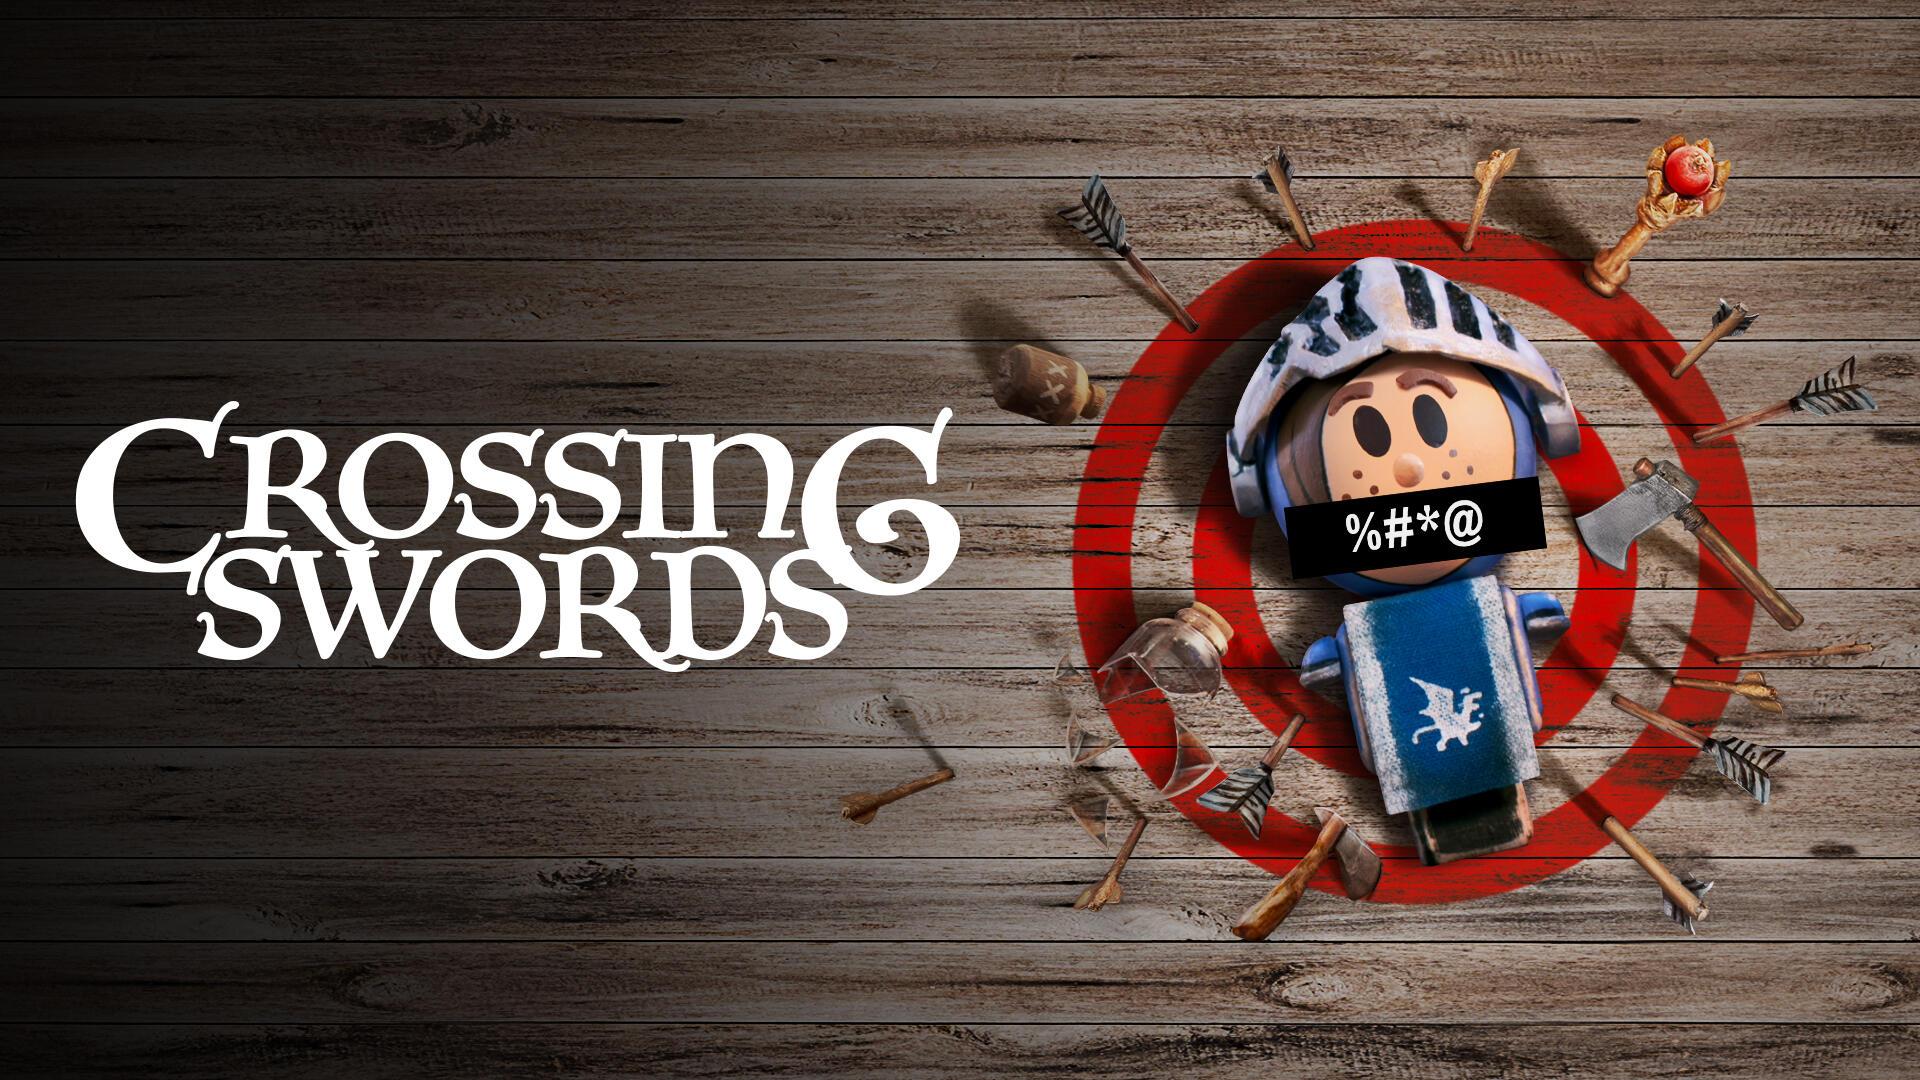 Crossing_Swords_16x9